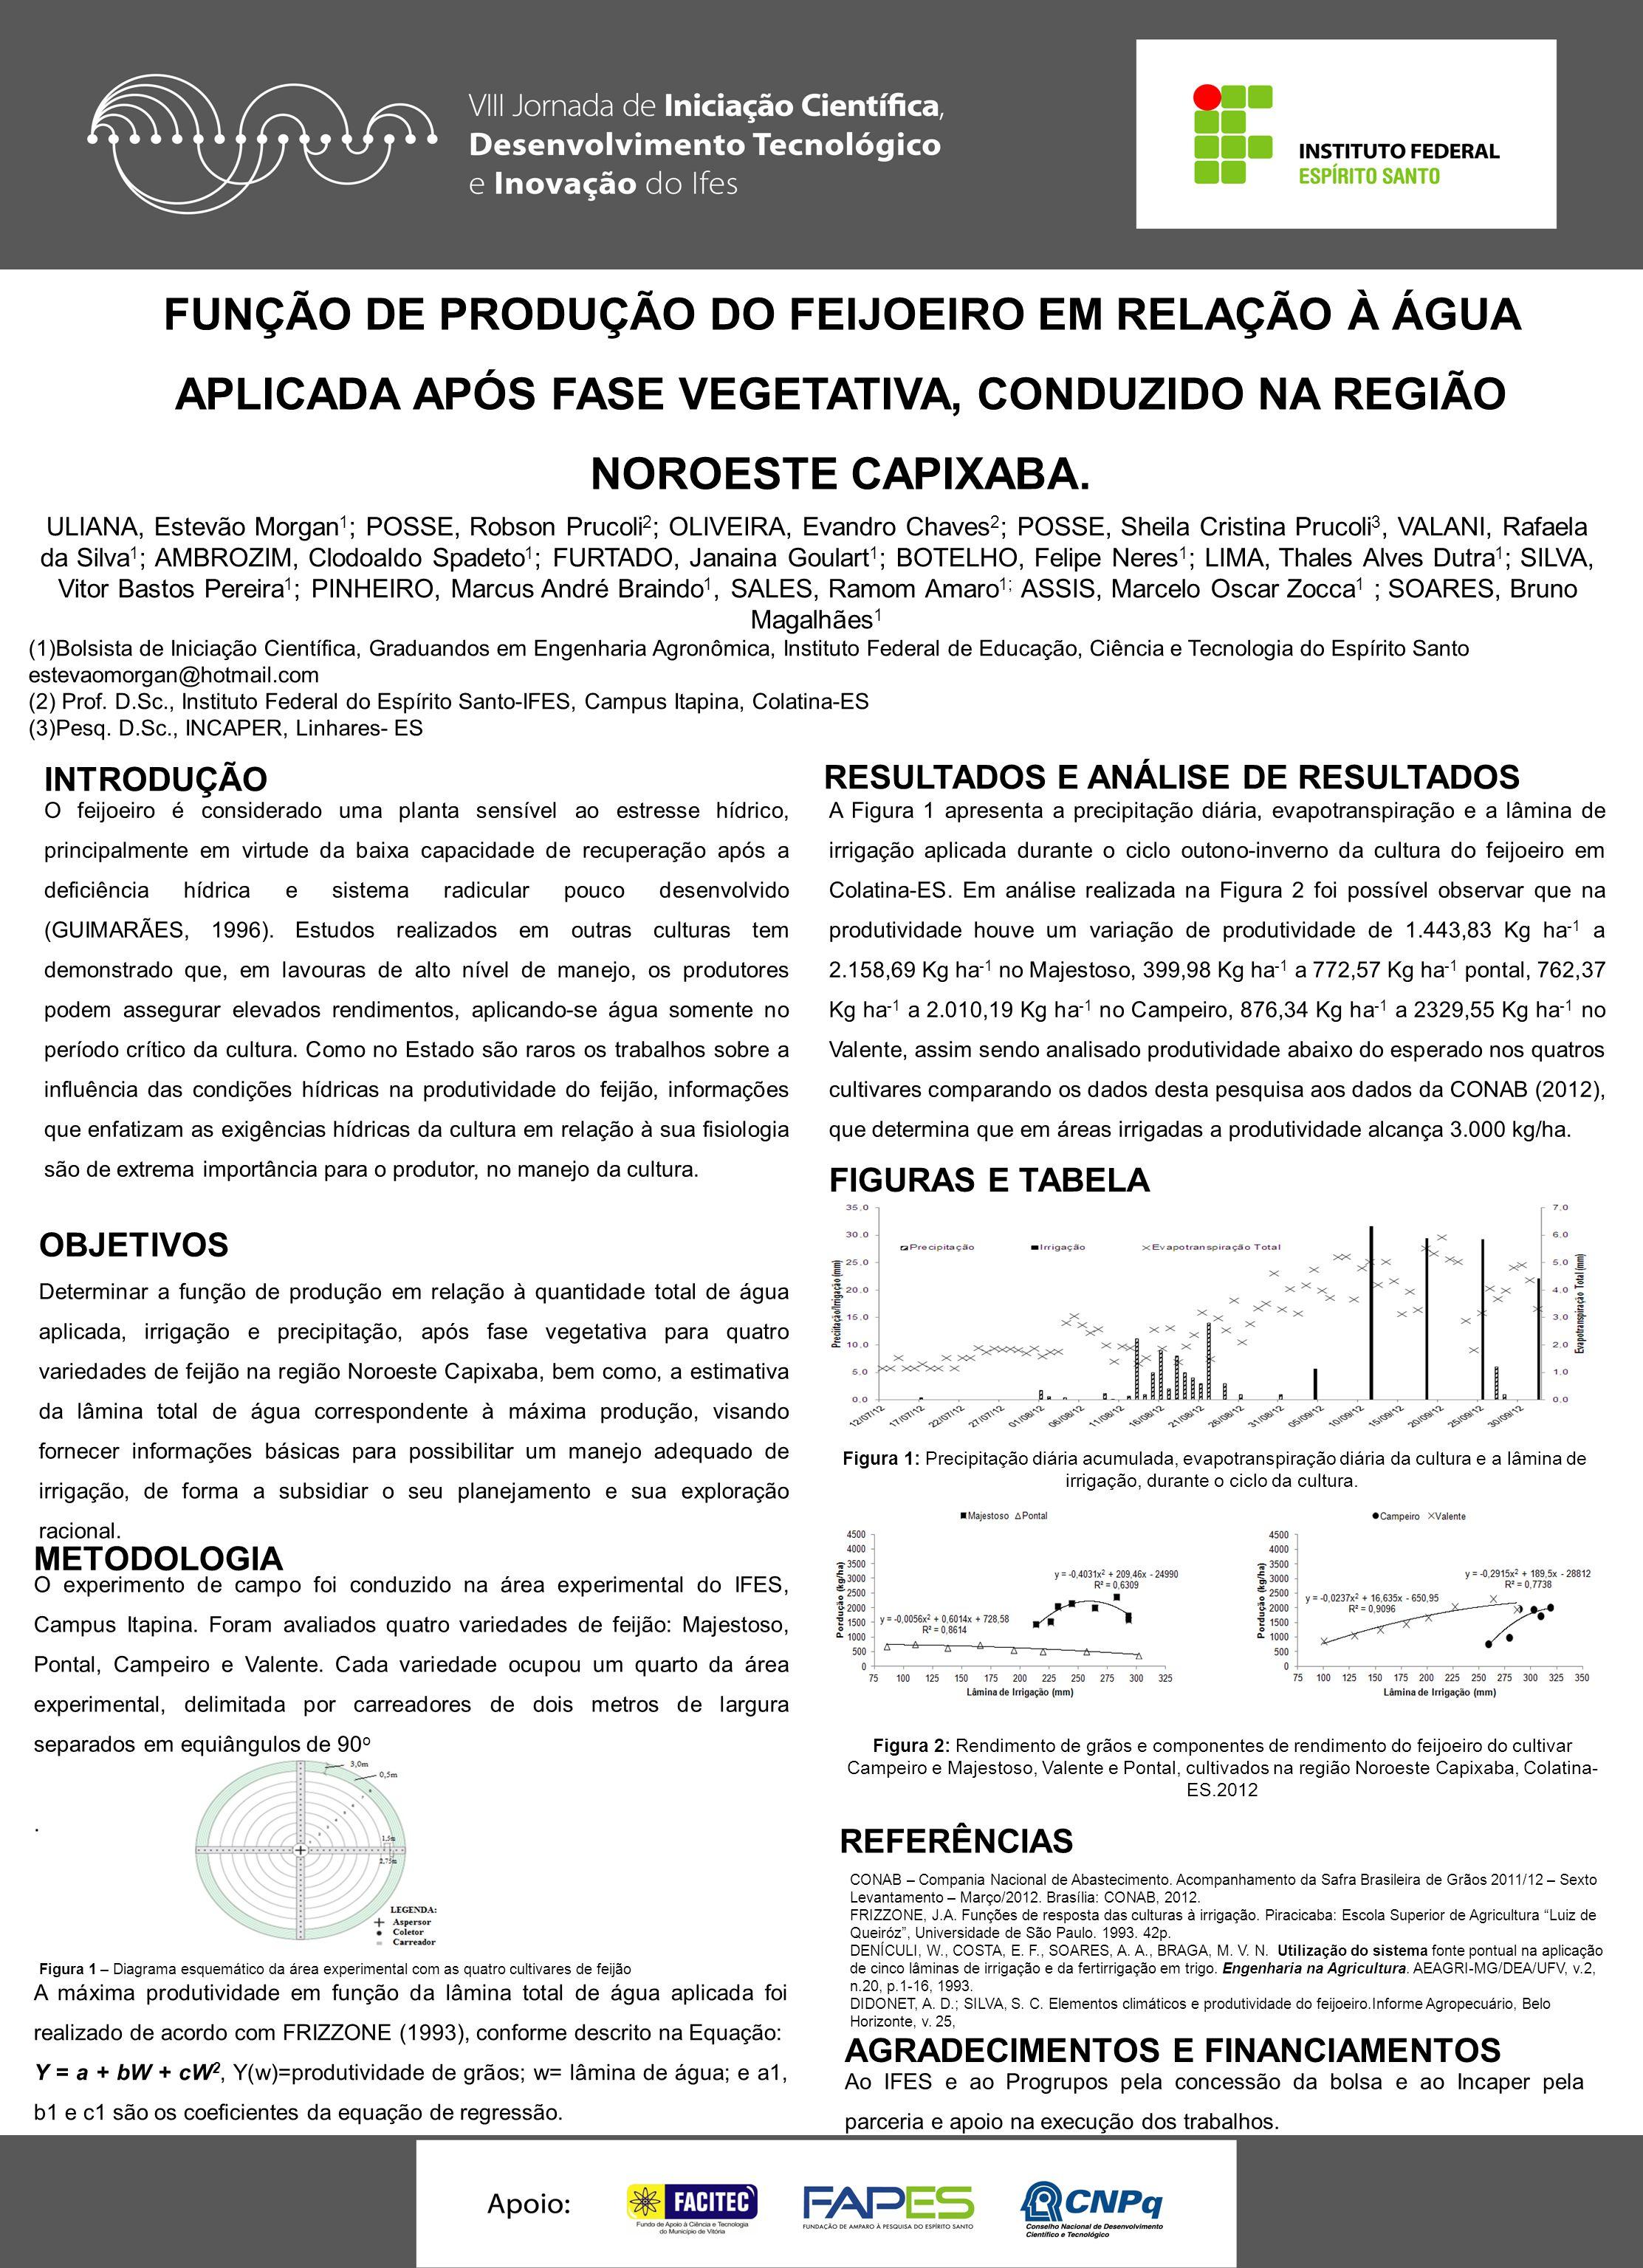 FUNÇÃO DE PRODUÇÃO DO FEIJOEIRO EM RELAÇÃO À ÁGUA APLICADA APÓS FASE VEGETATIVA, CONDUZIDO NA REGIÃO NOROESTE CAPIXABA.